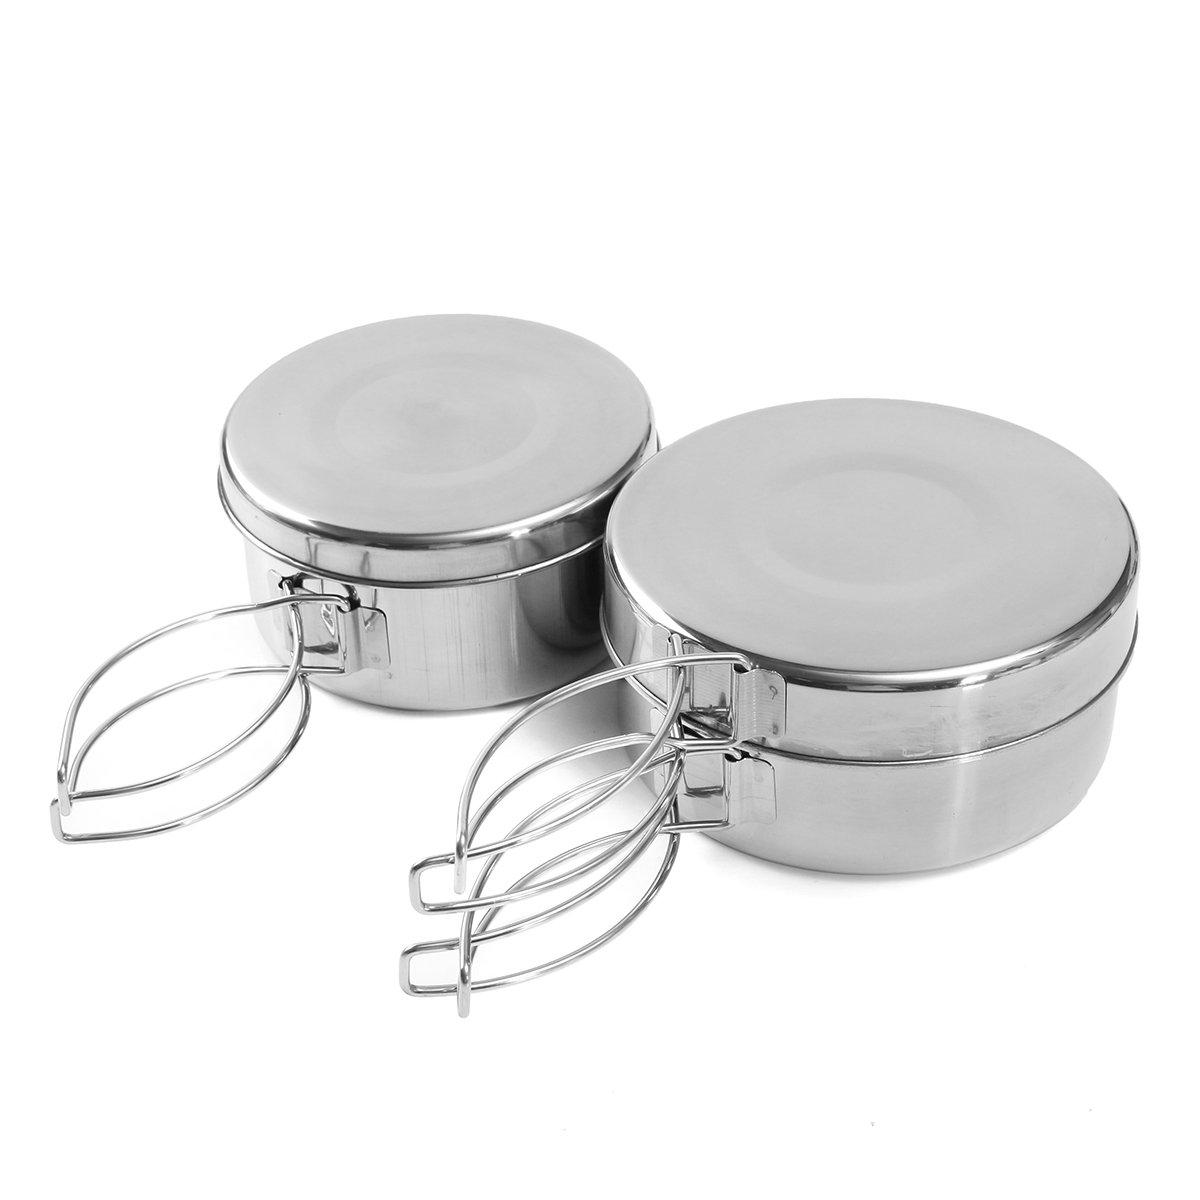 4 stuks Camping Picknick Cookware Set Koken BBQ Pot Pan Bestek